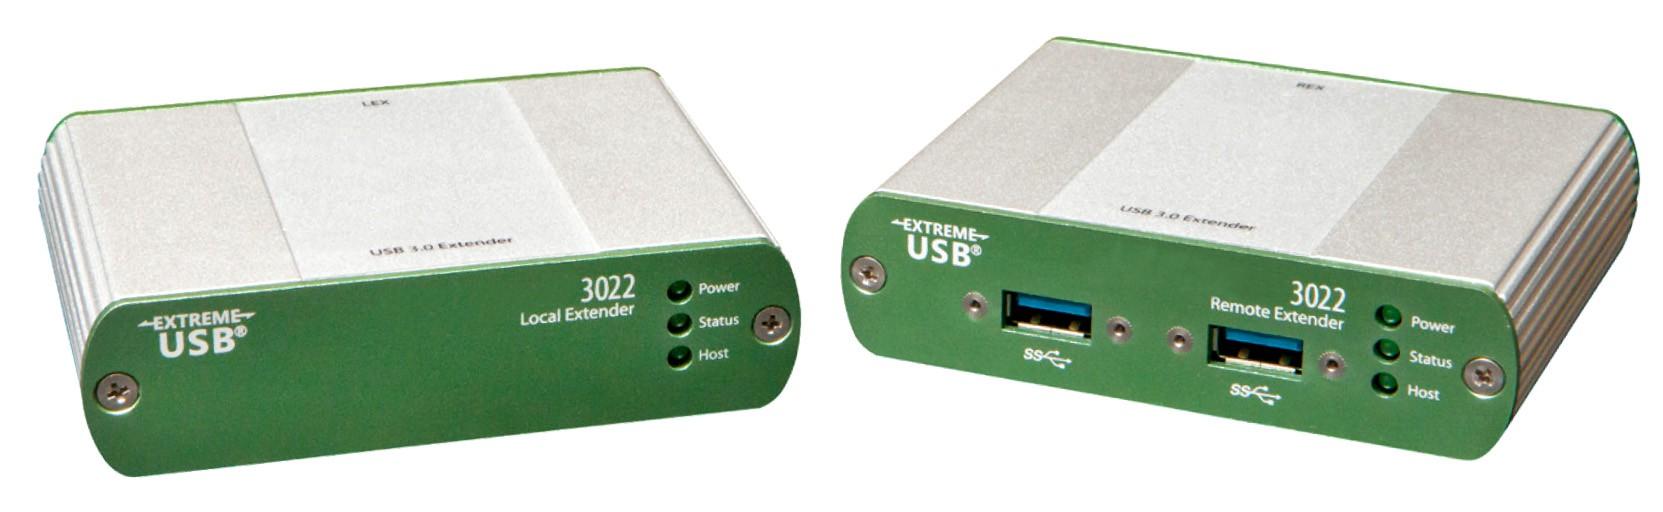 USB 3.0 Ranger 3022